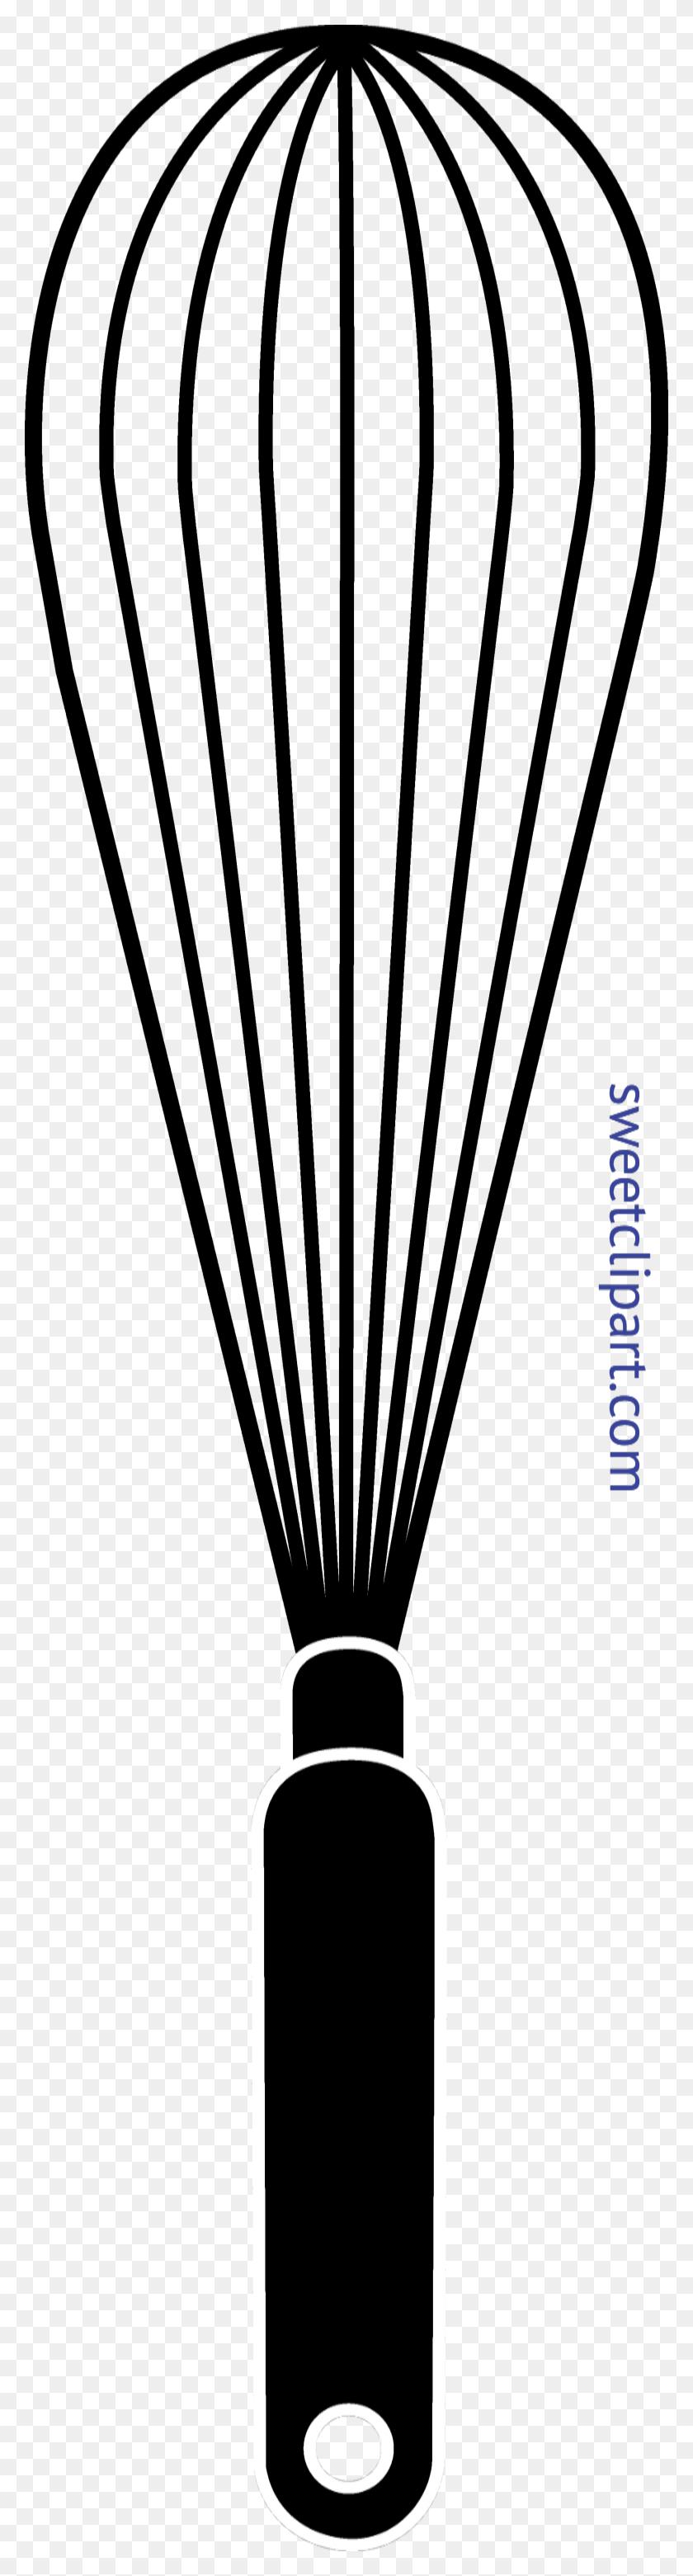 Whisk Silhouette Clip Art - Whisk Clipart